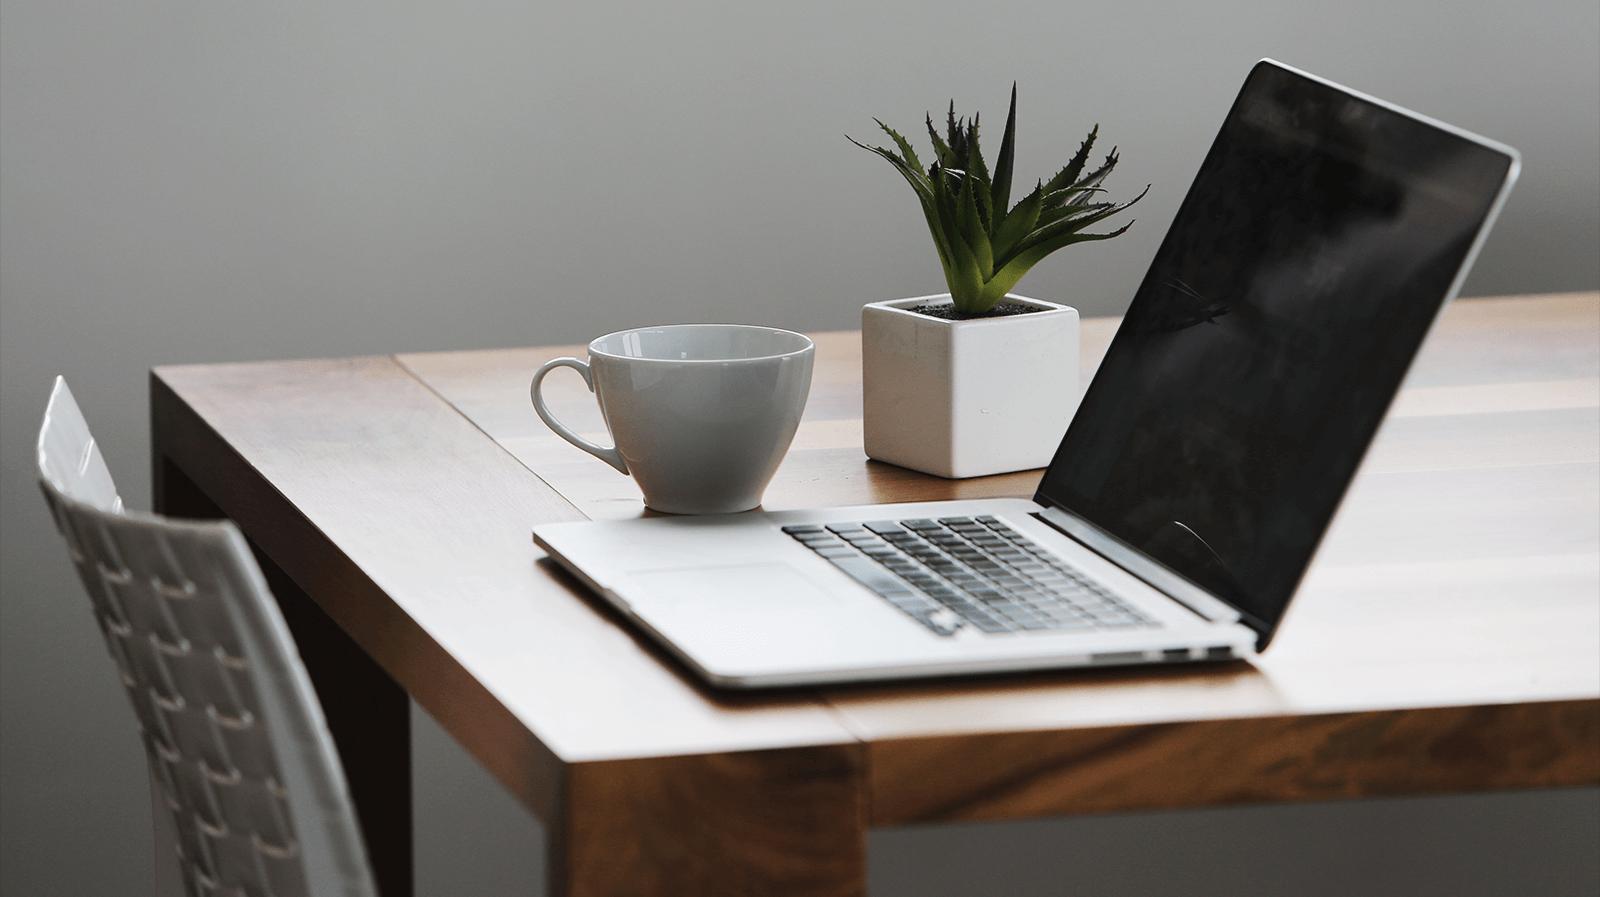 Продвижение бизнеса через блоги.